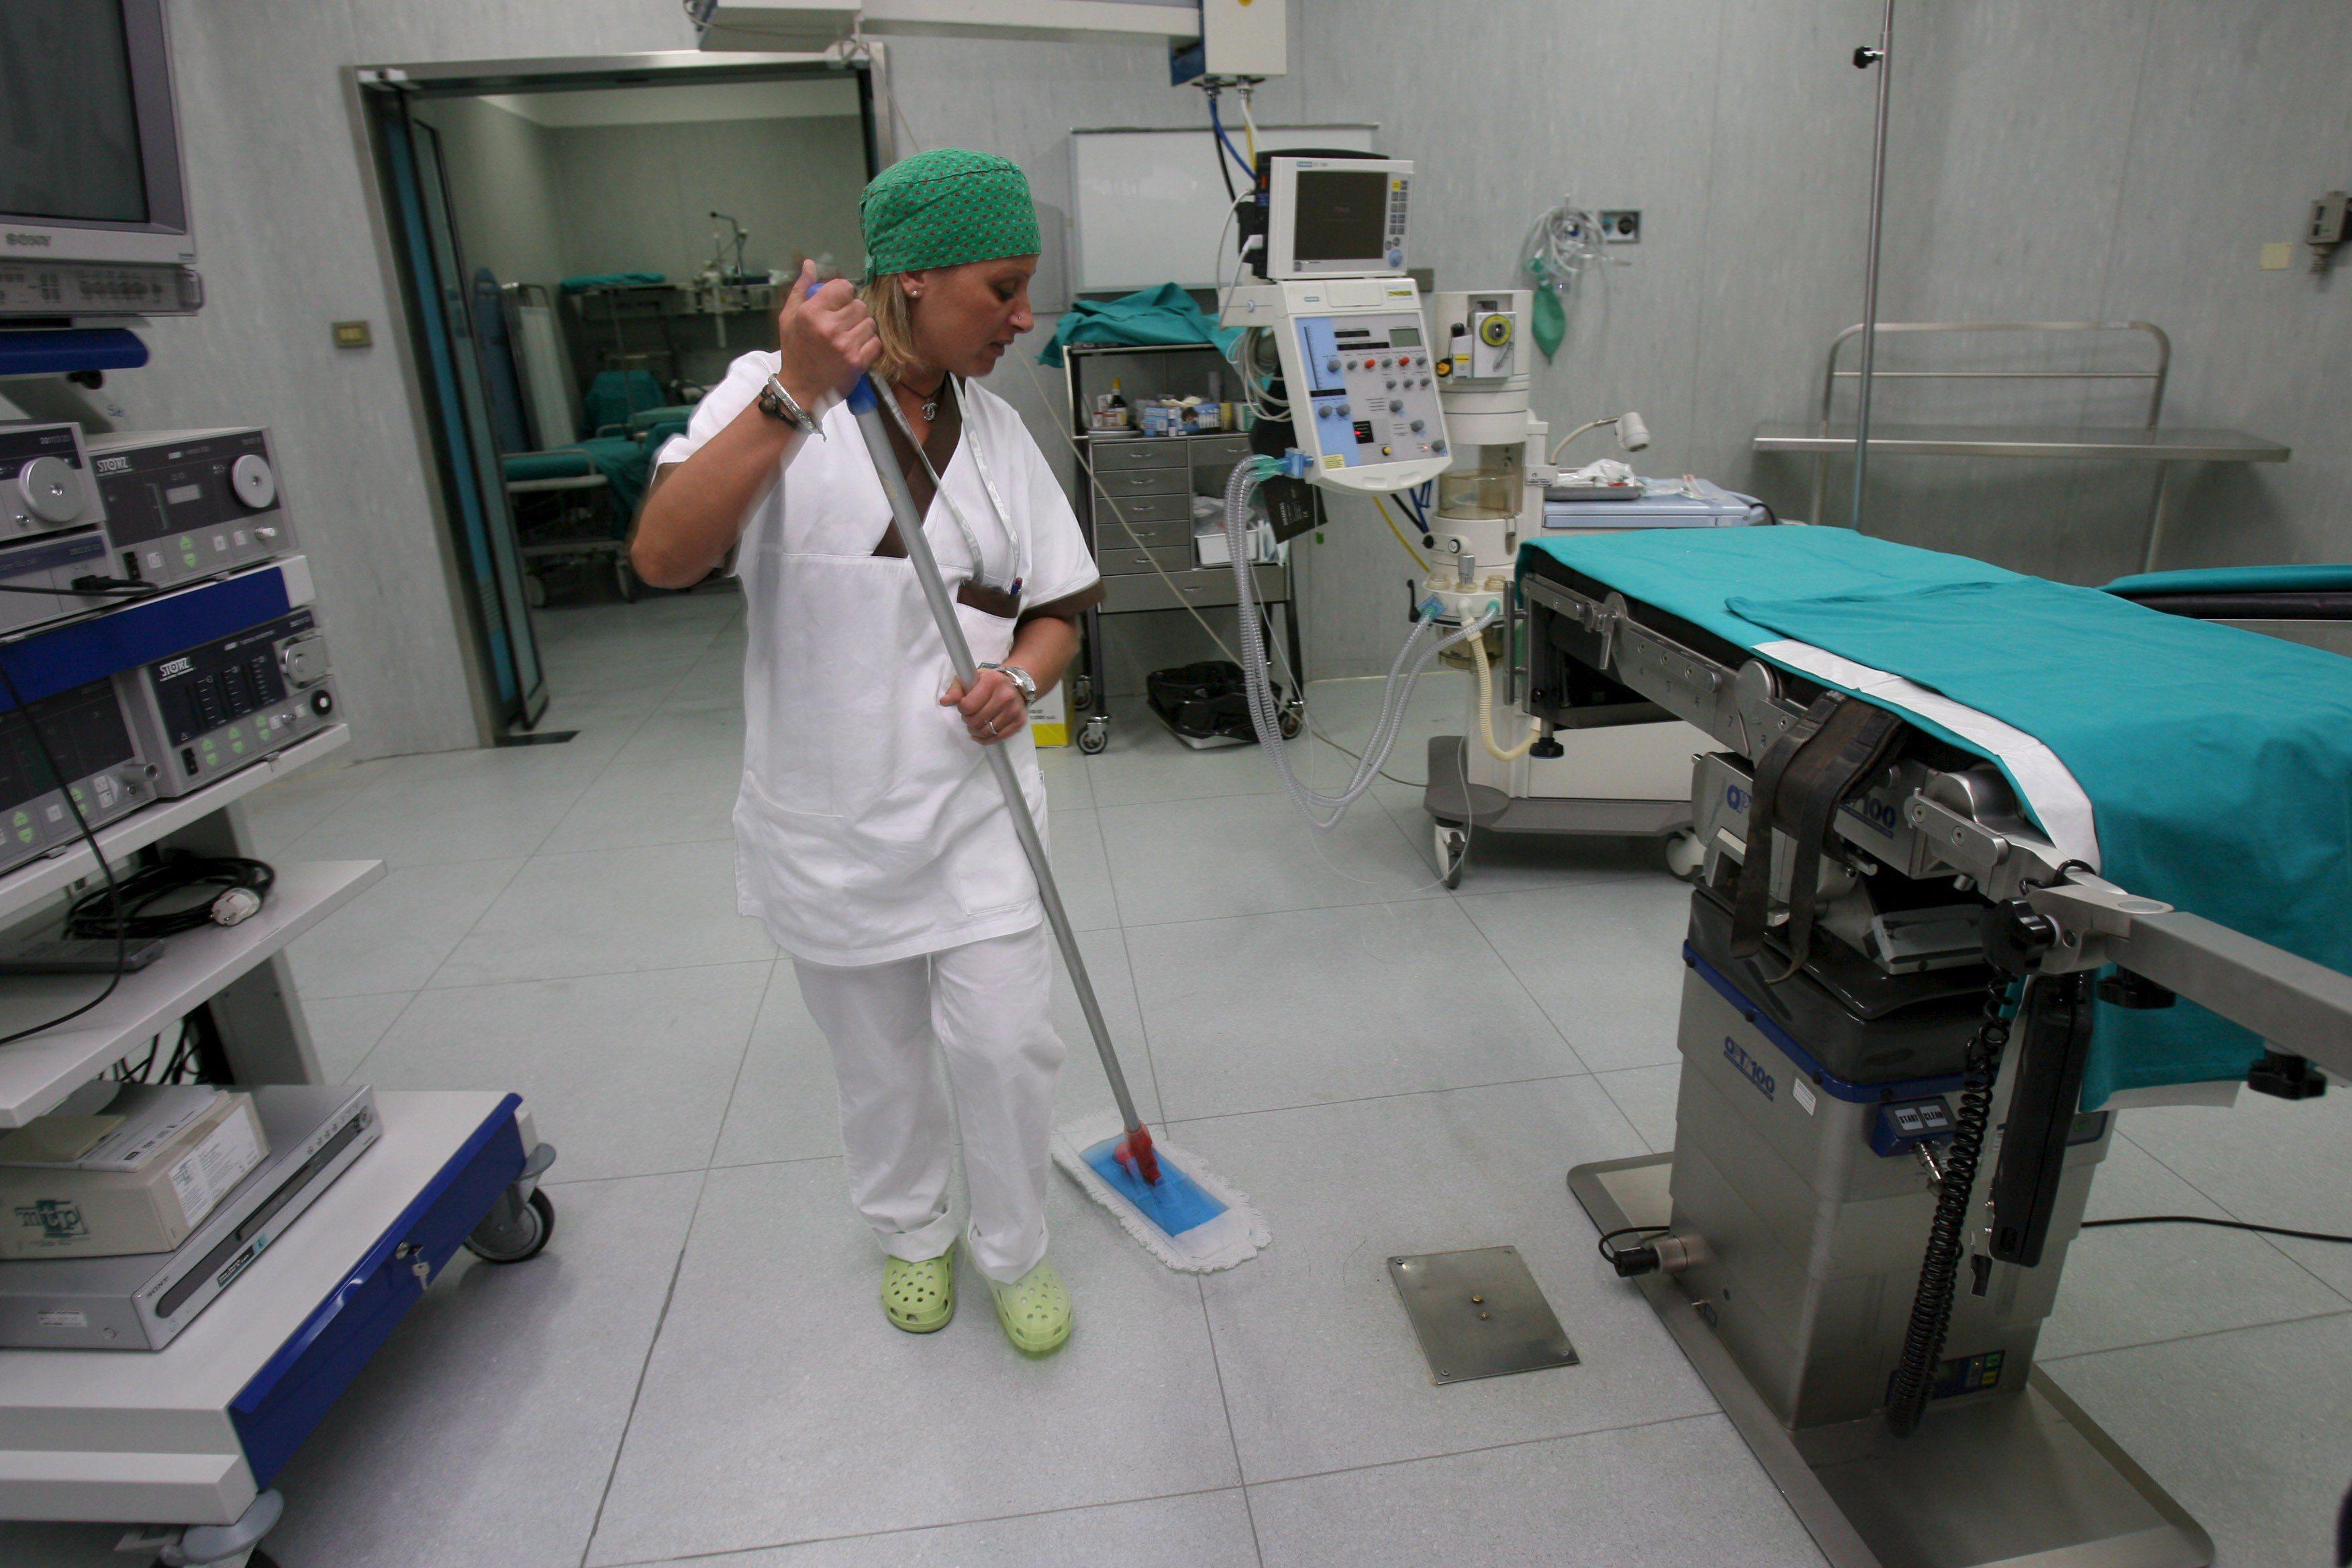 Conselho das Finanças Públicas recomenda revisão de contratos com hospitais EPE